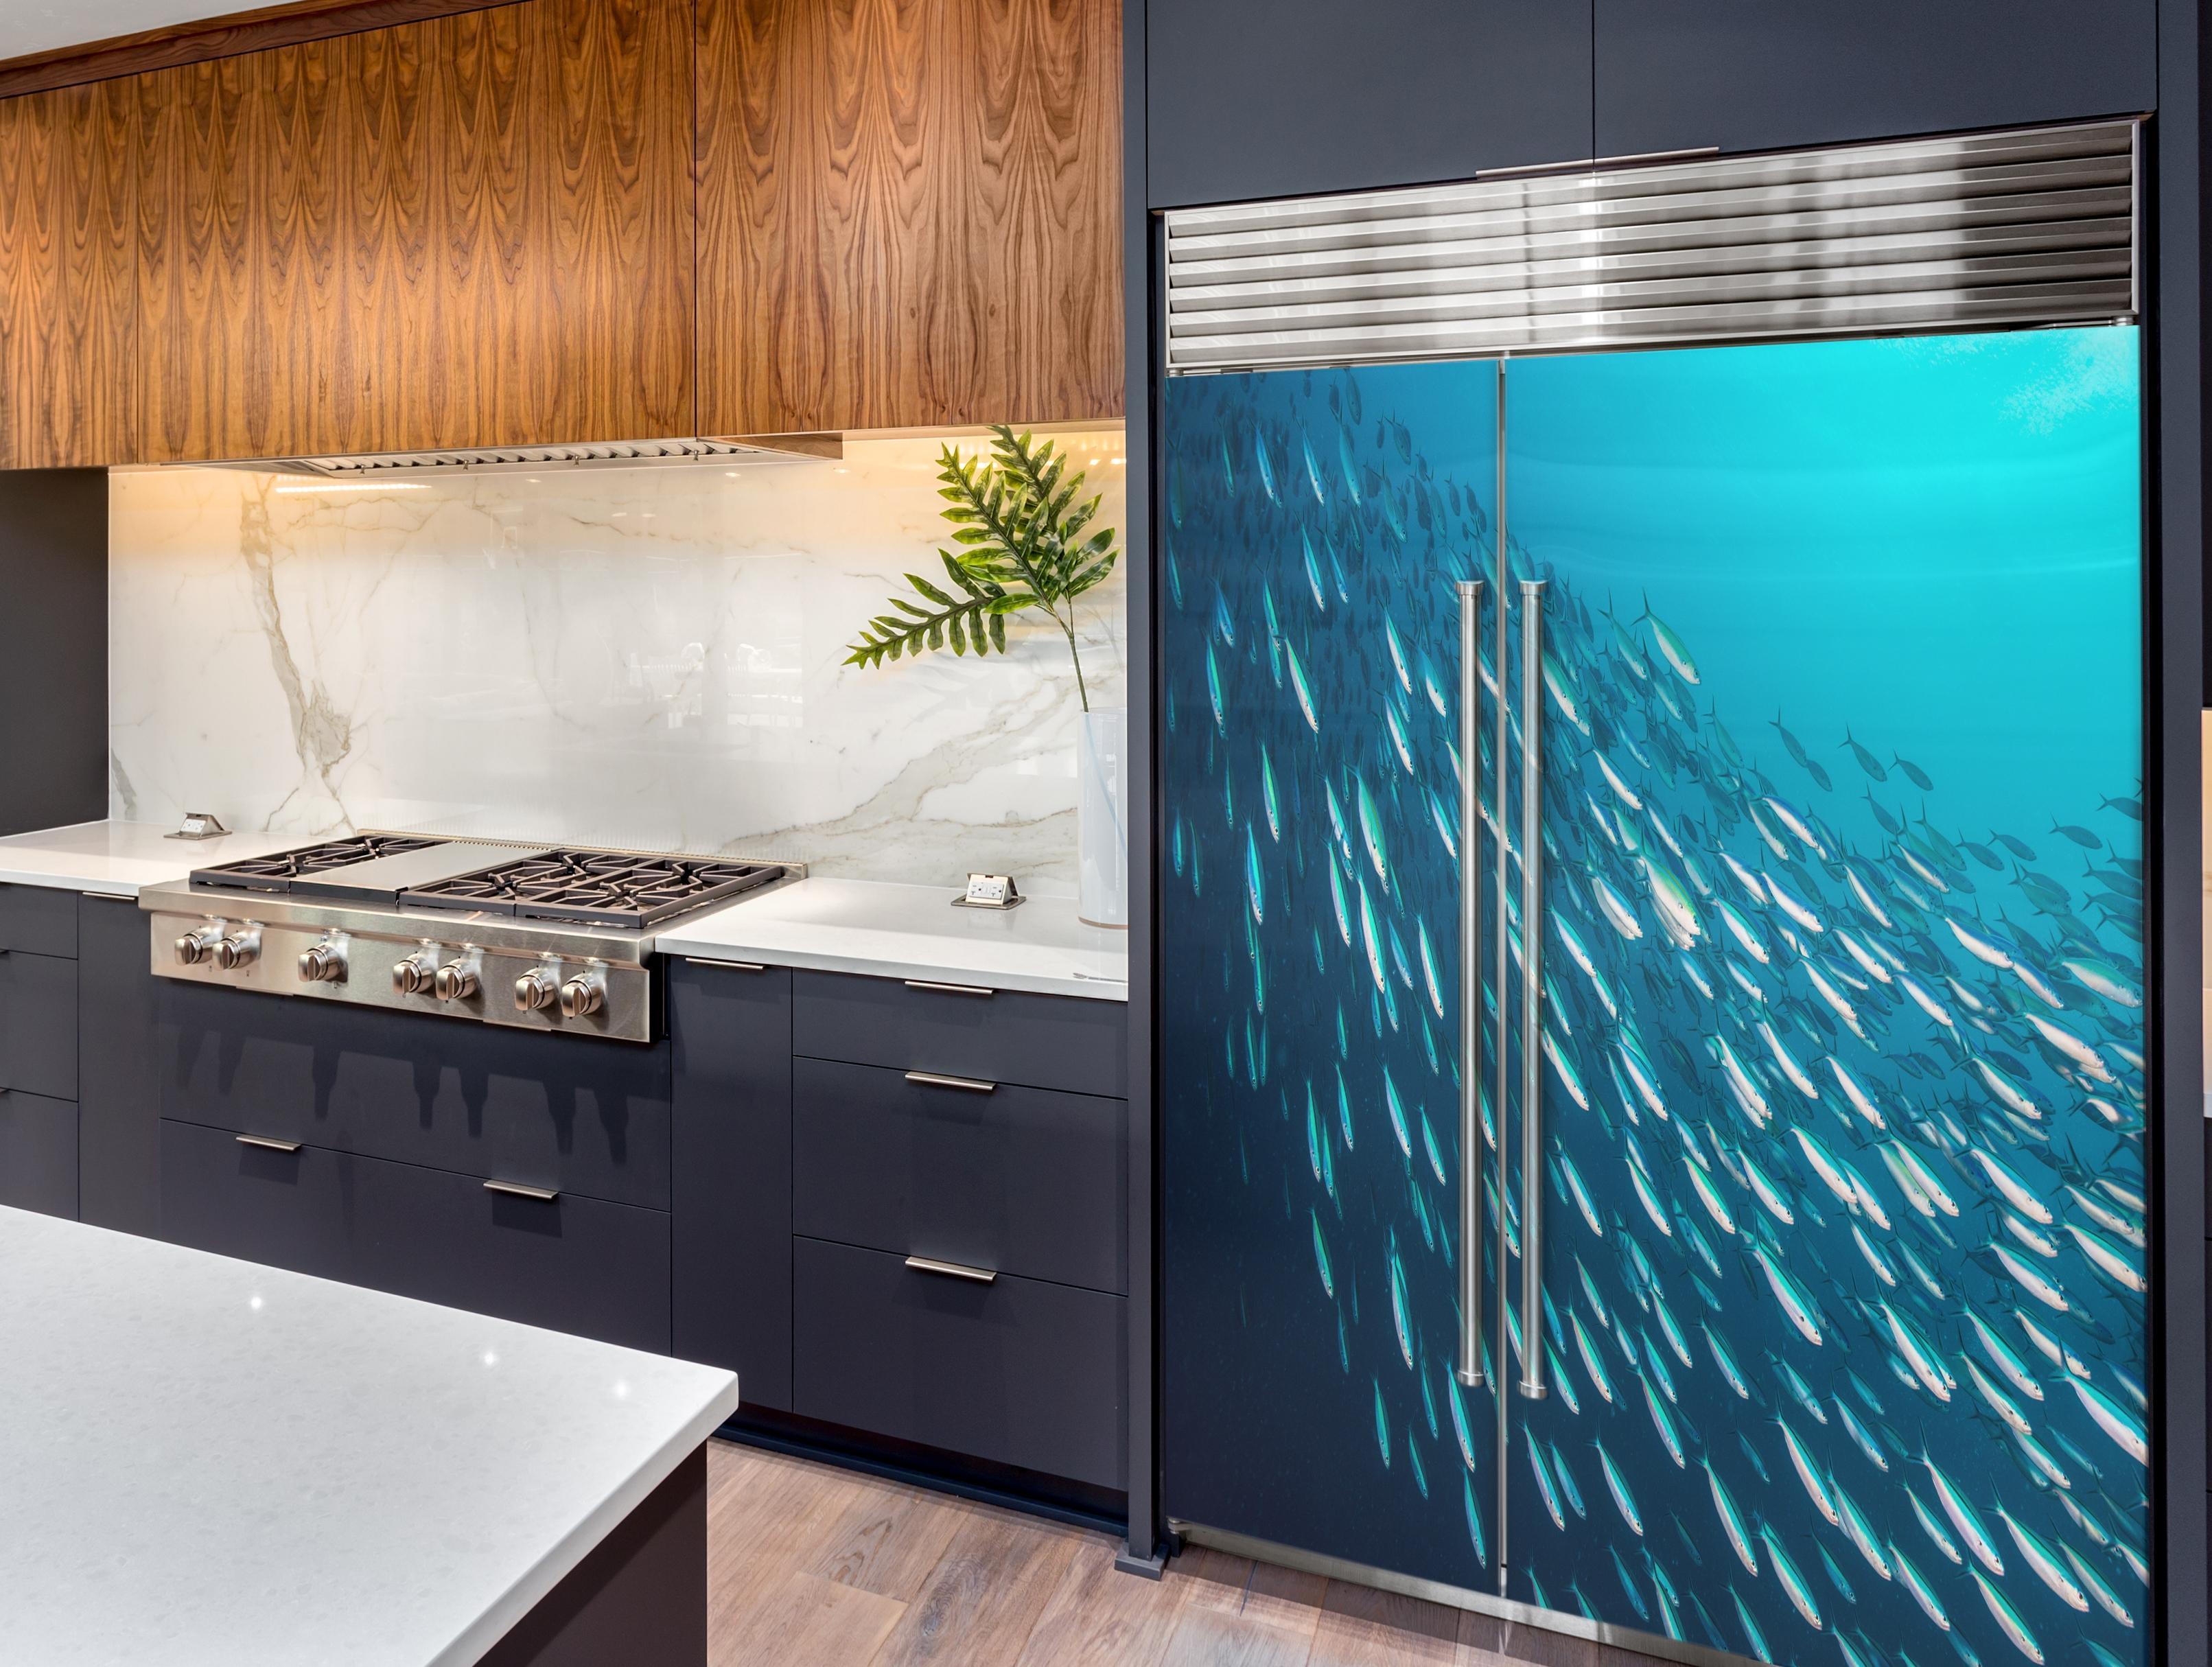 Fish Fridge cropped